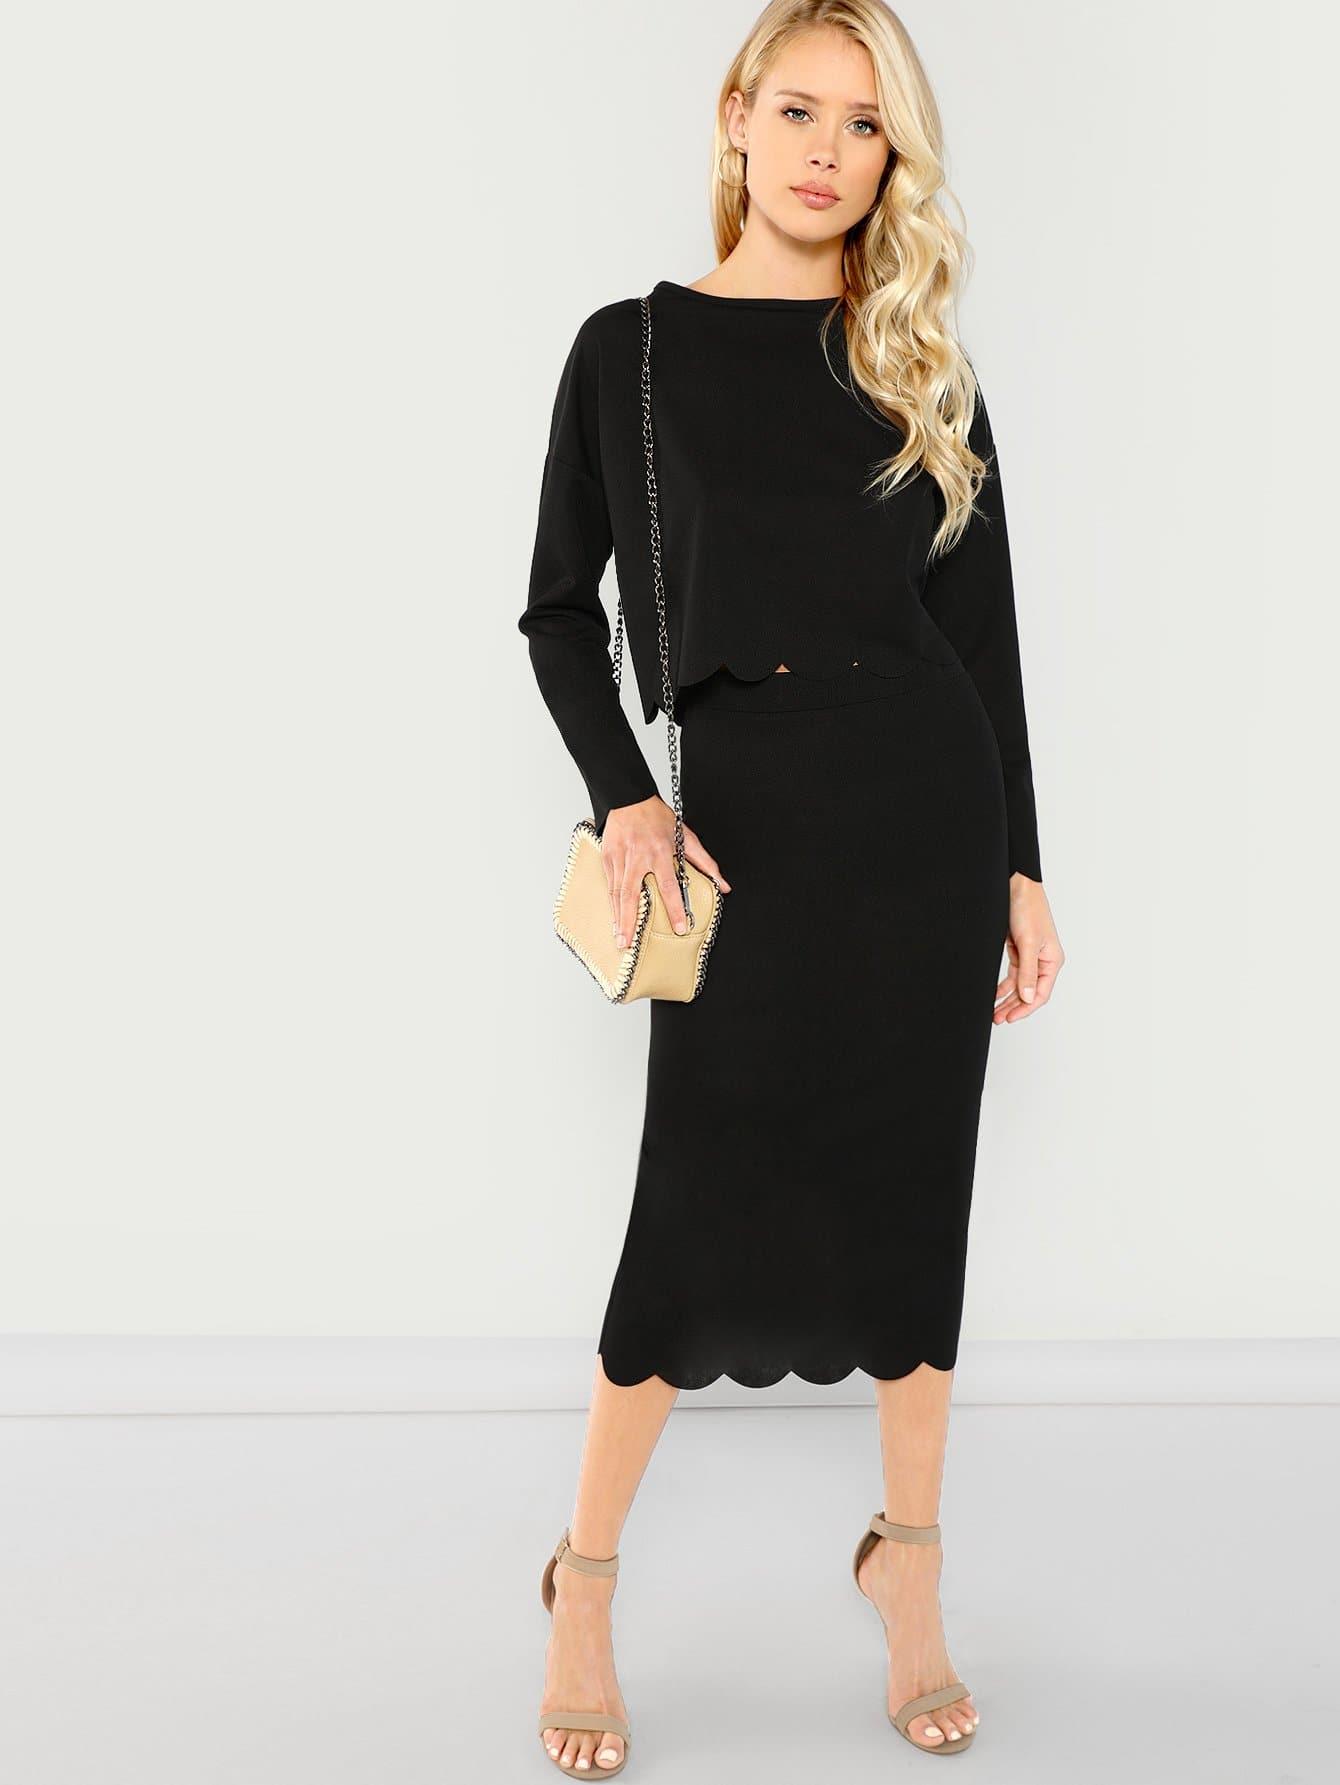 Купить Комплект юбка и твердый топ с веерообразной отделкой, Allie Leggett, SheIn